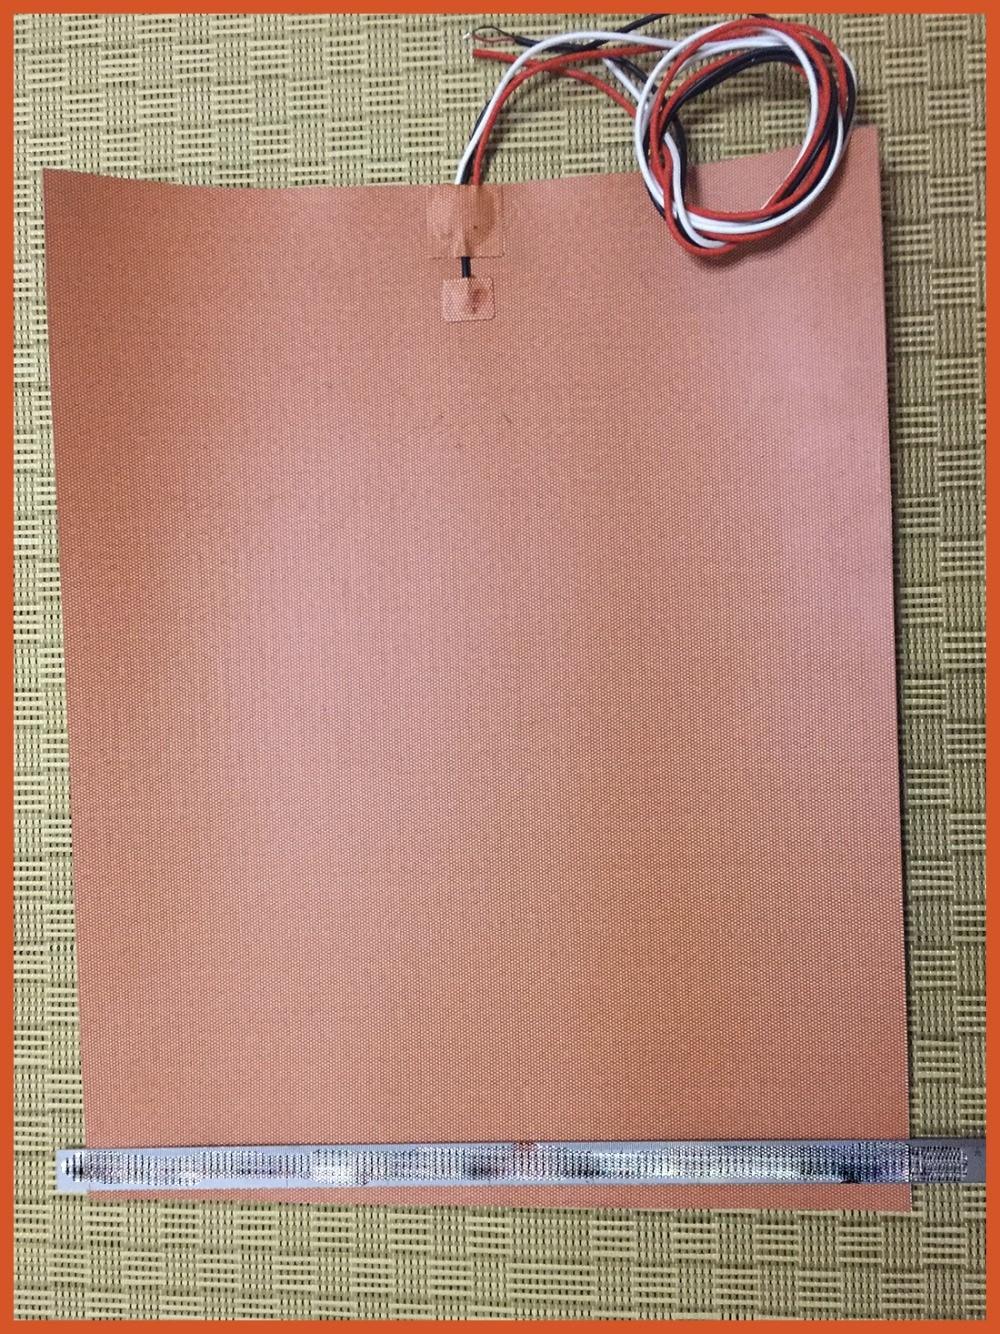 Gomma silicone riscaldatore per stampante 3d 110v 1500w 300*500MM 3m adhesive built-in termistore 100K element heater electric silicone pad riscaldatore 220 v 800 w dia 500mm con 3m adesivo abd 100k termistore oil silicone heater film heat electric heater